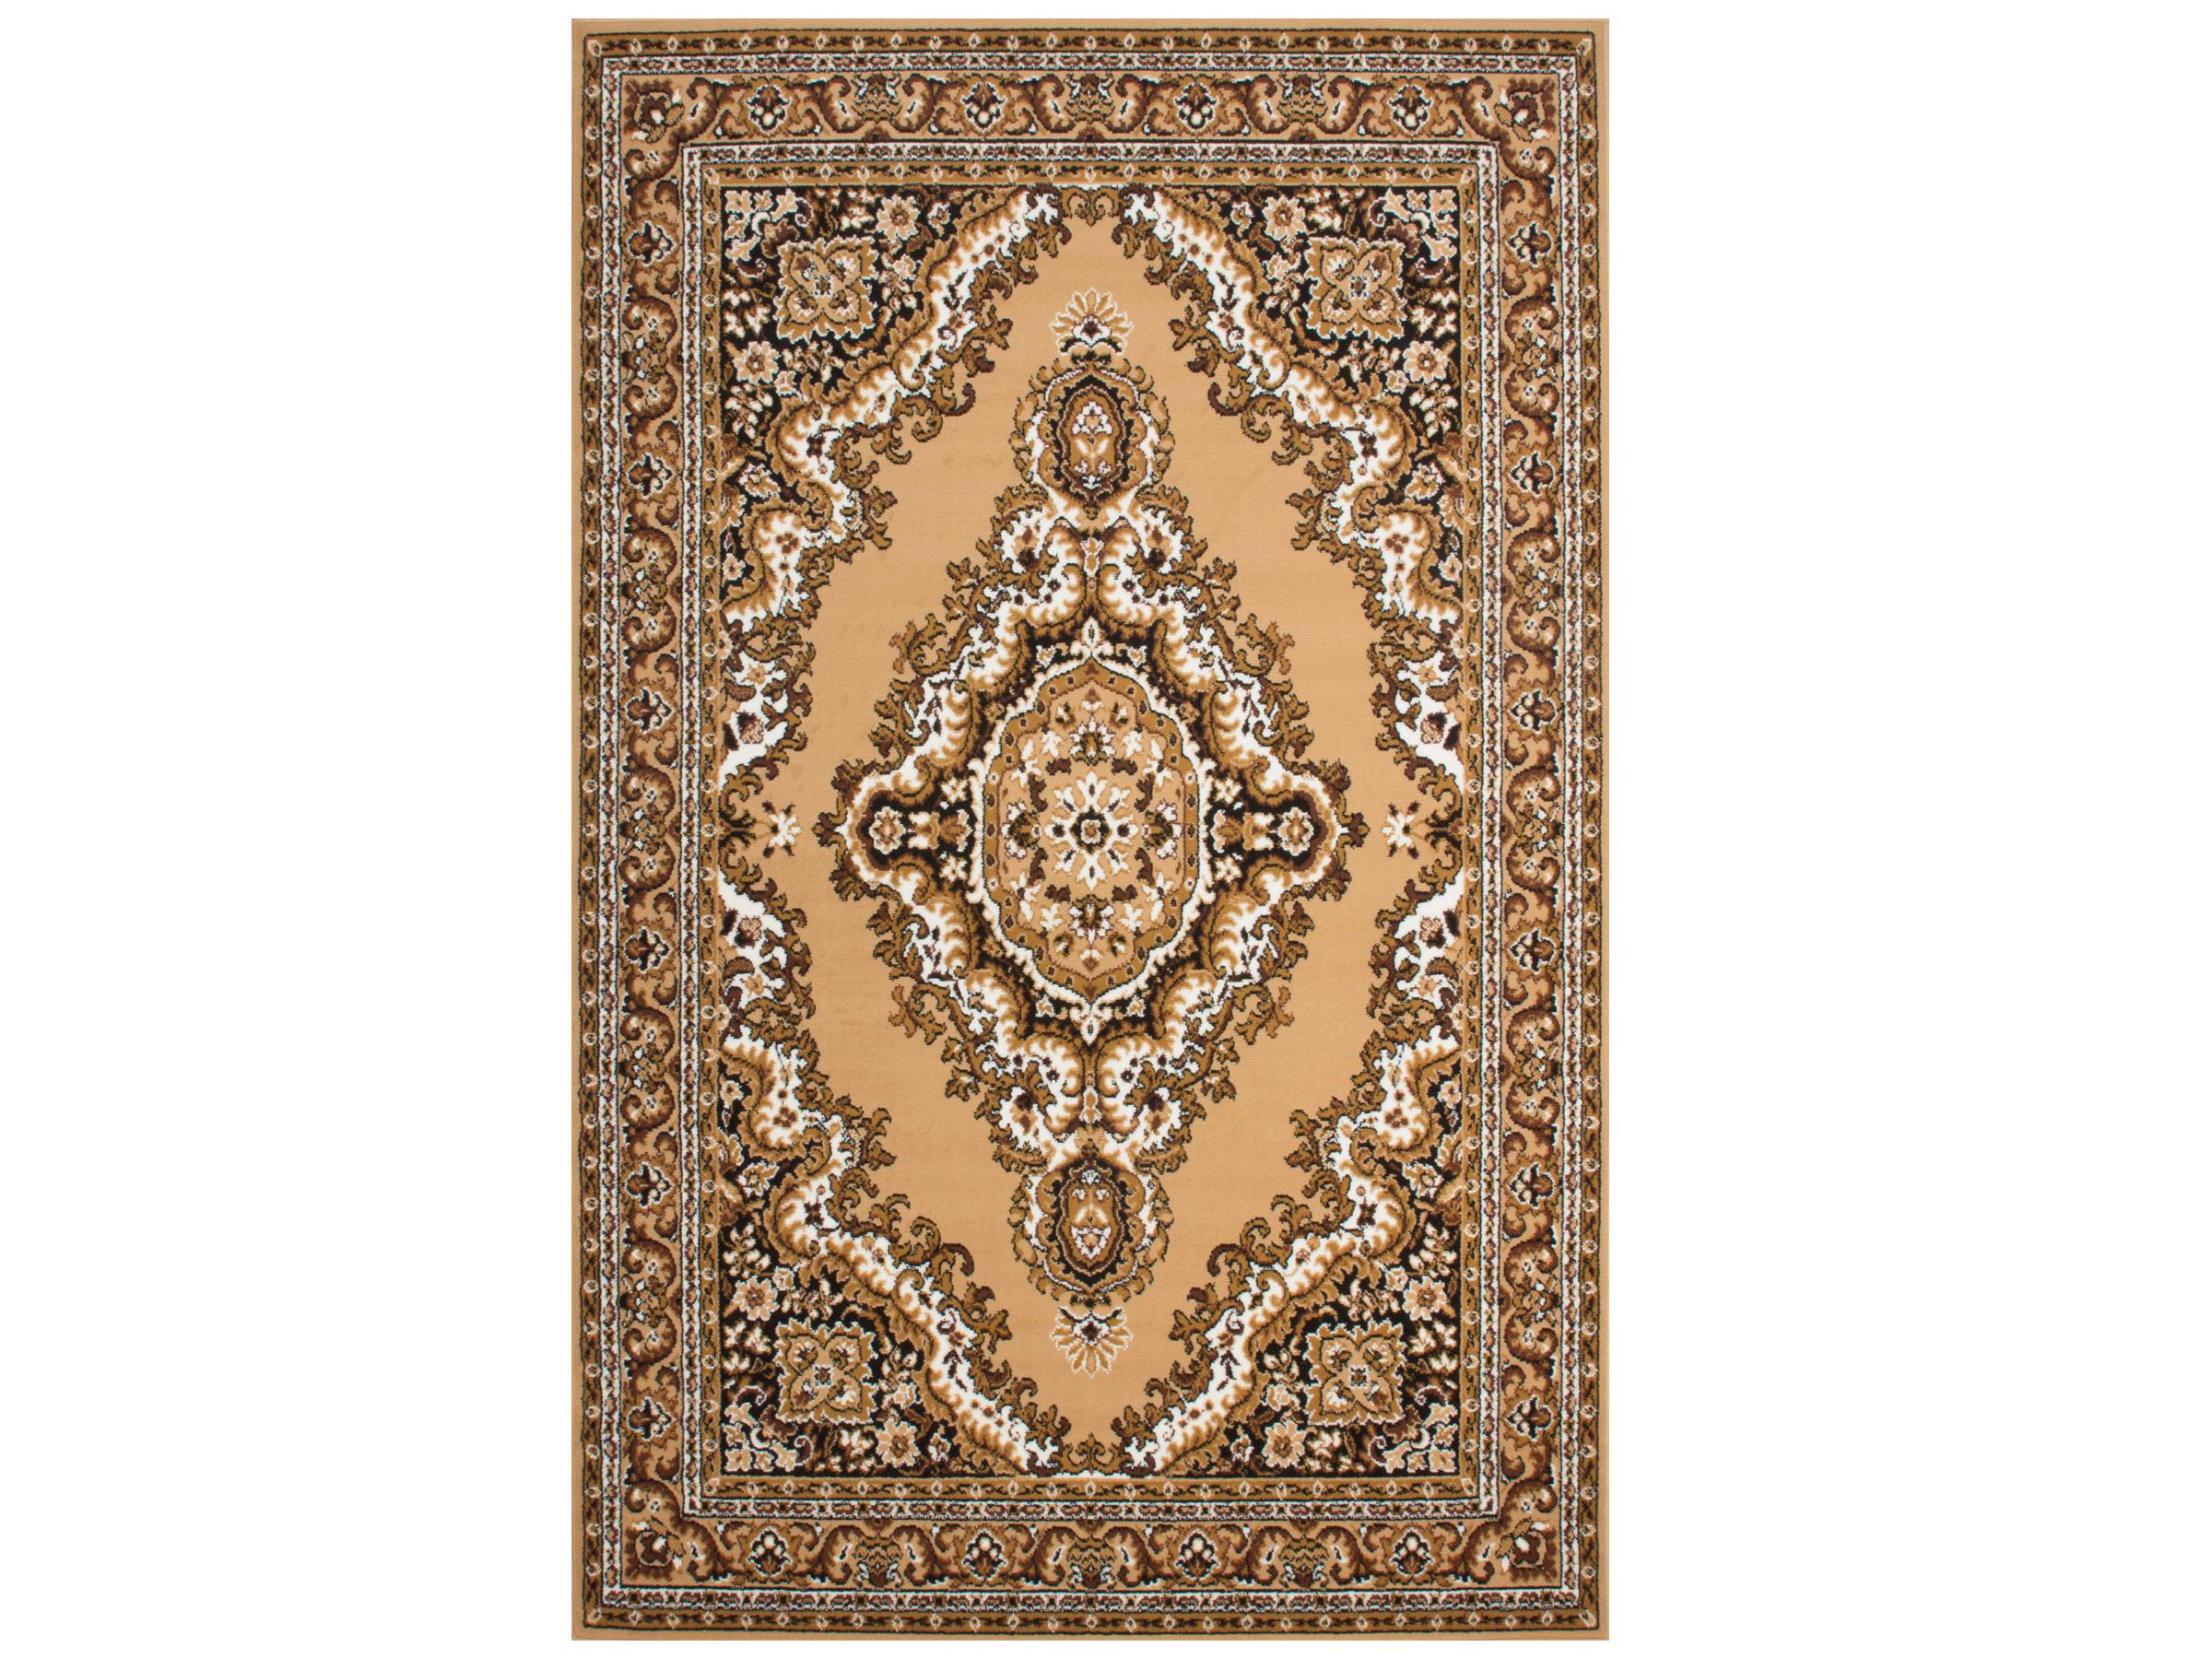 Perzisch Tapijt Kopen : Perzisch tapijt kopen perzisch tapijt iran beige